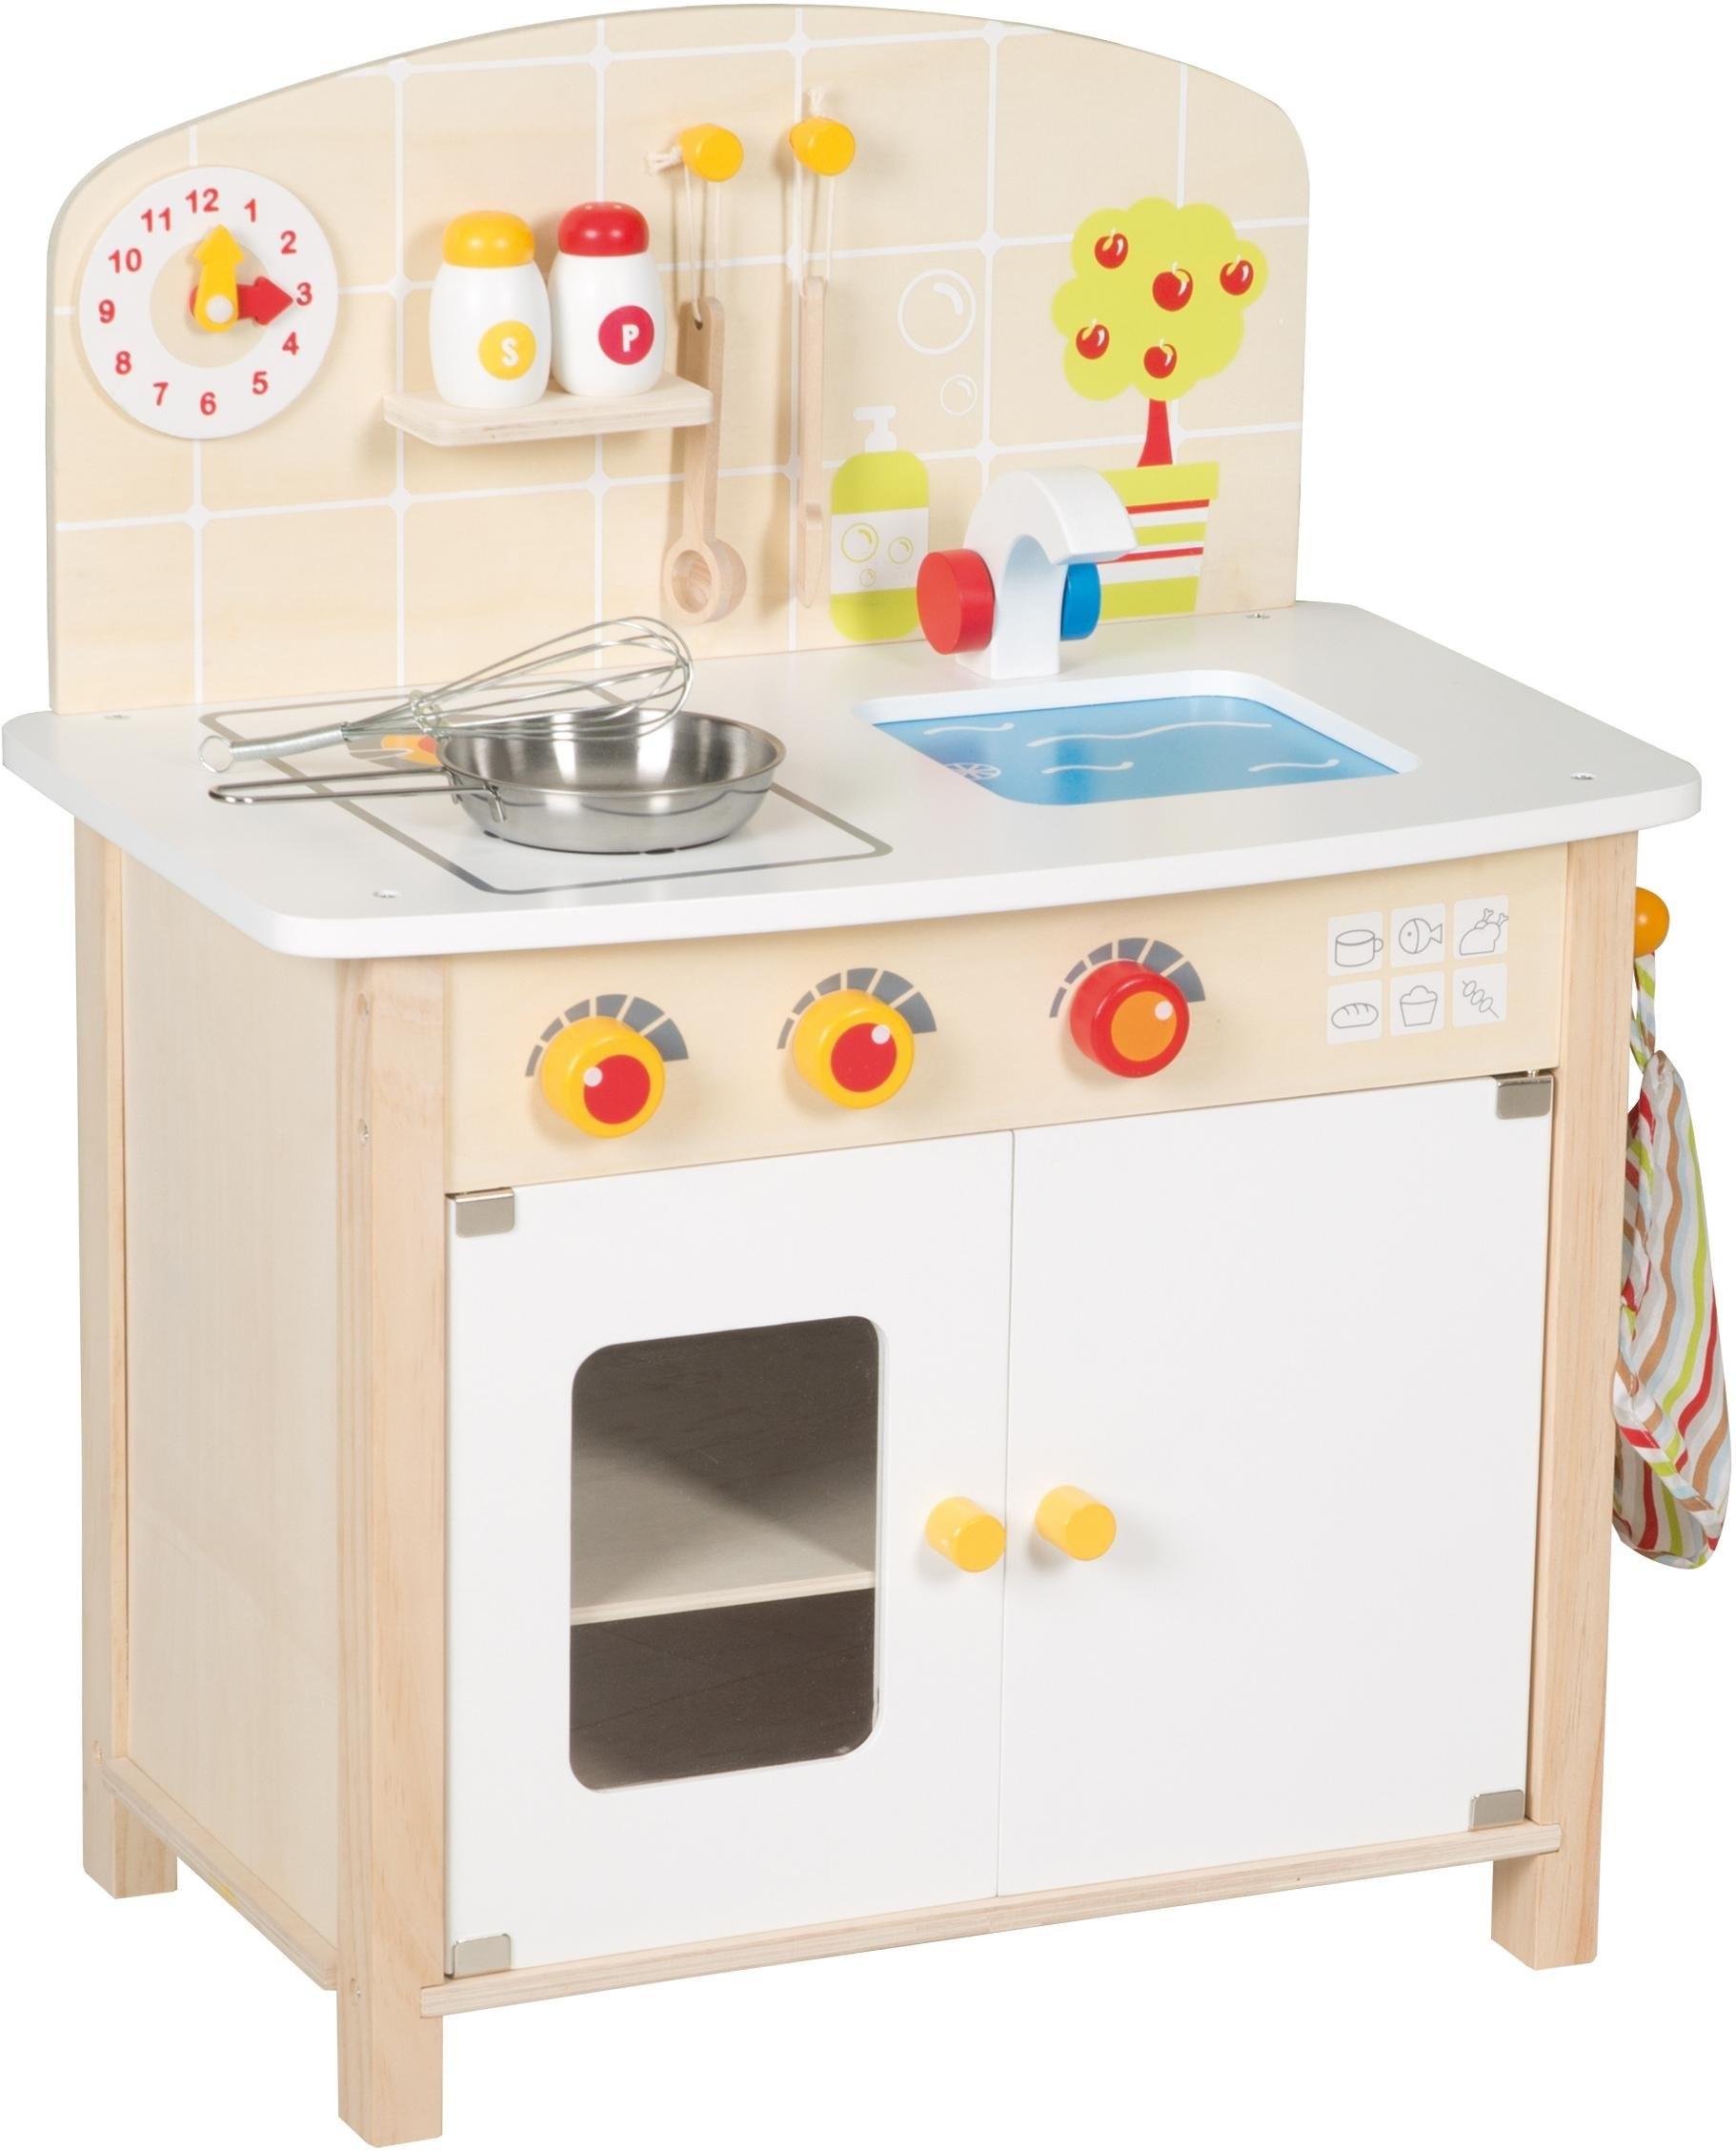 Speelgoed Keukens Online Kopen Bekijk Ons Keuken Speelgoed Otto